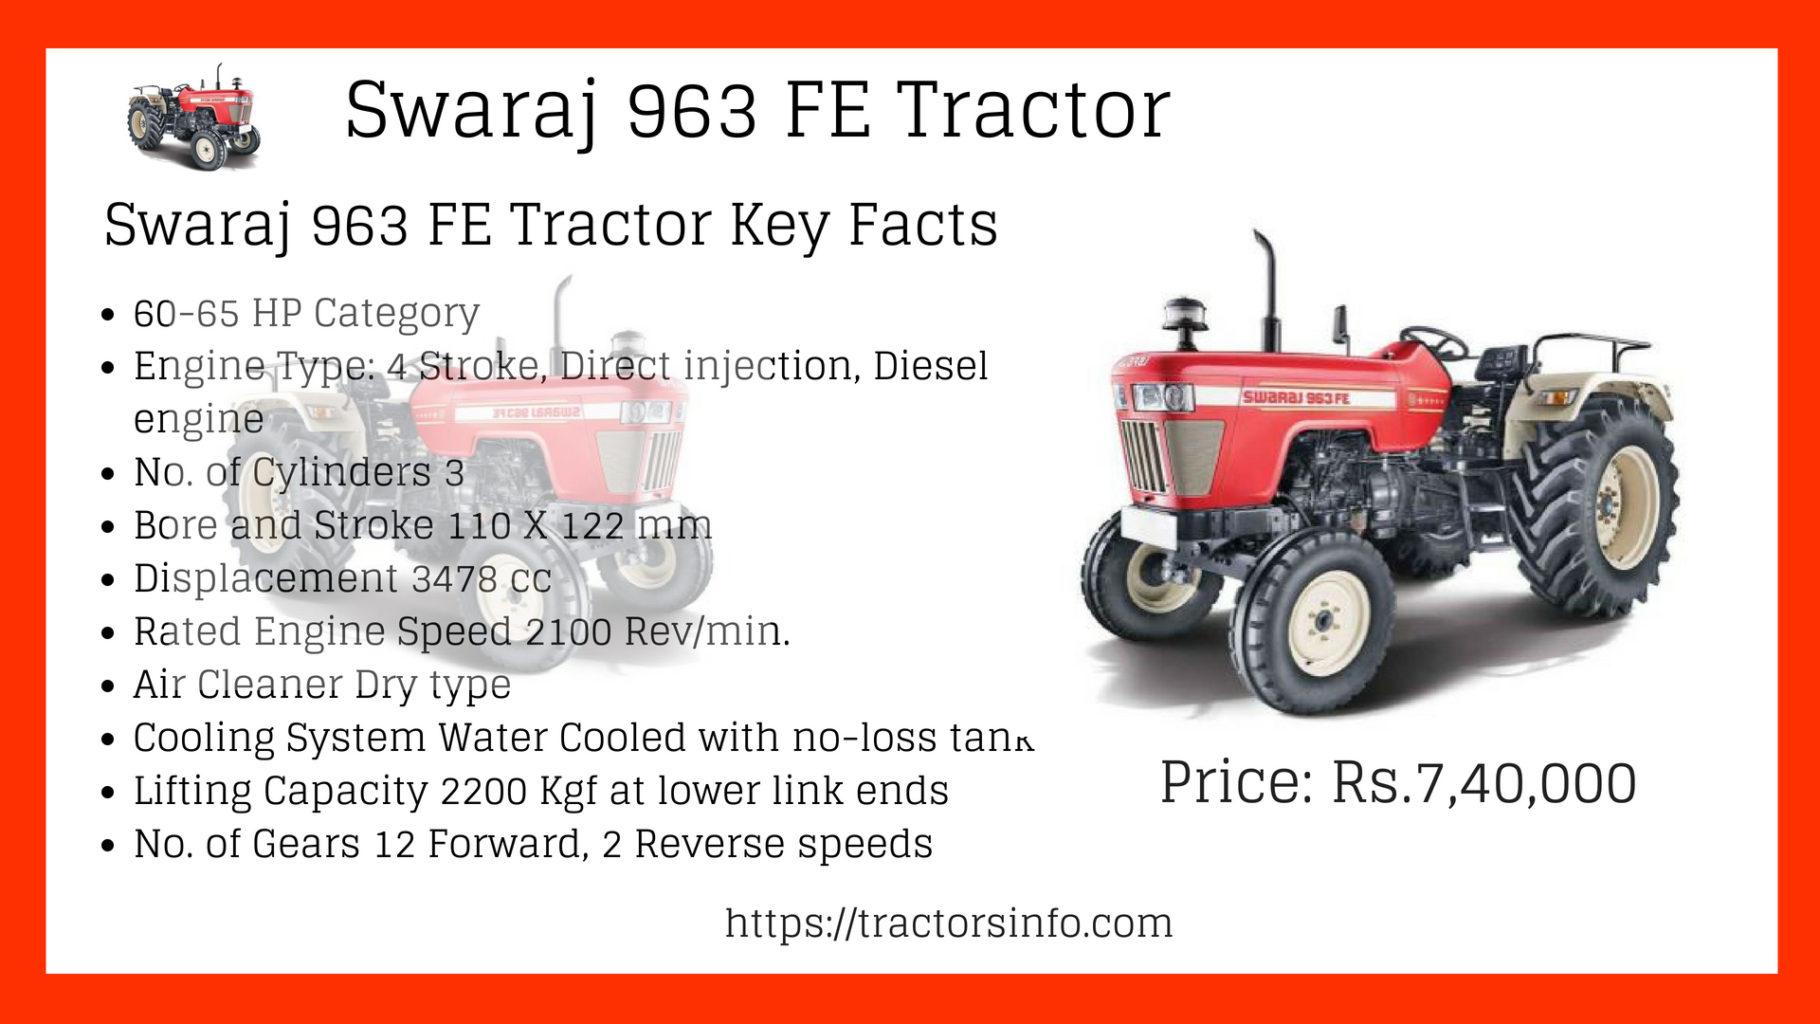 Swaraj 963 FE Tractor